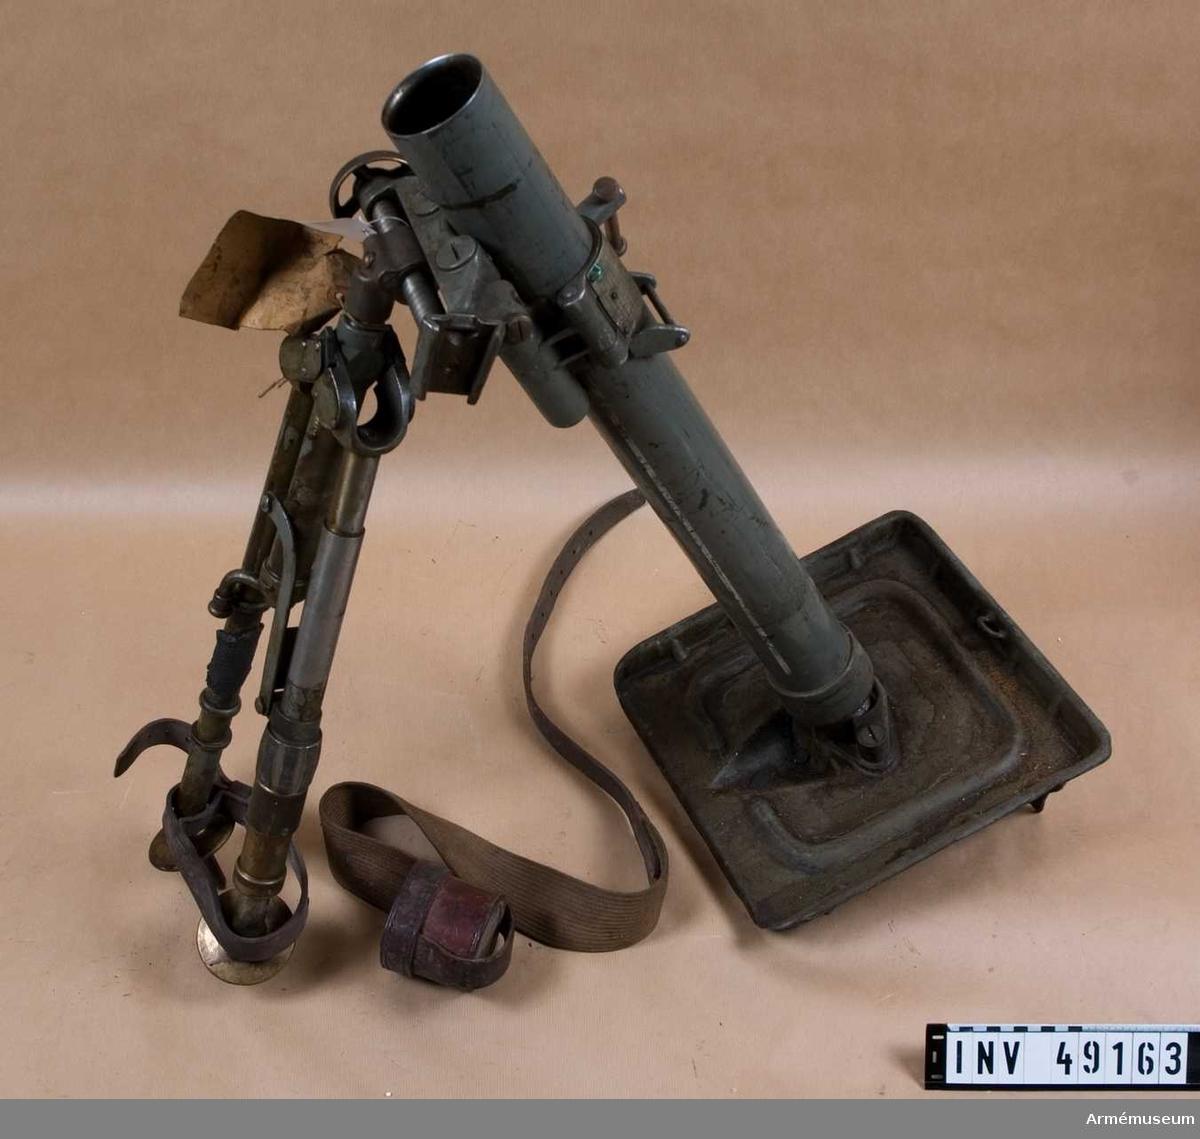 Grupp E X b.  Samhörande med 6 cm granatkastare, Brandt, är lavett,  stödplatta, 2 st läskstängar, verktygsväska, väska för  reservdelar, mynningsfodral.